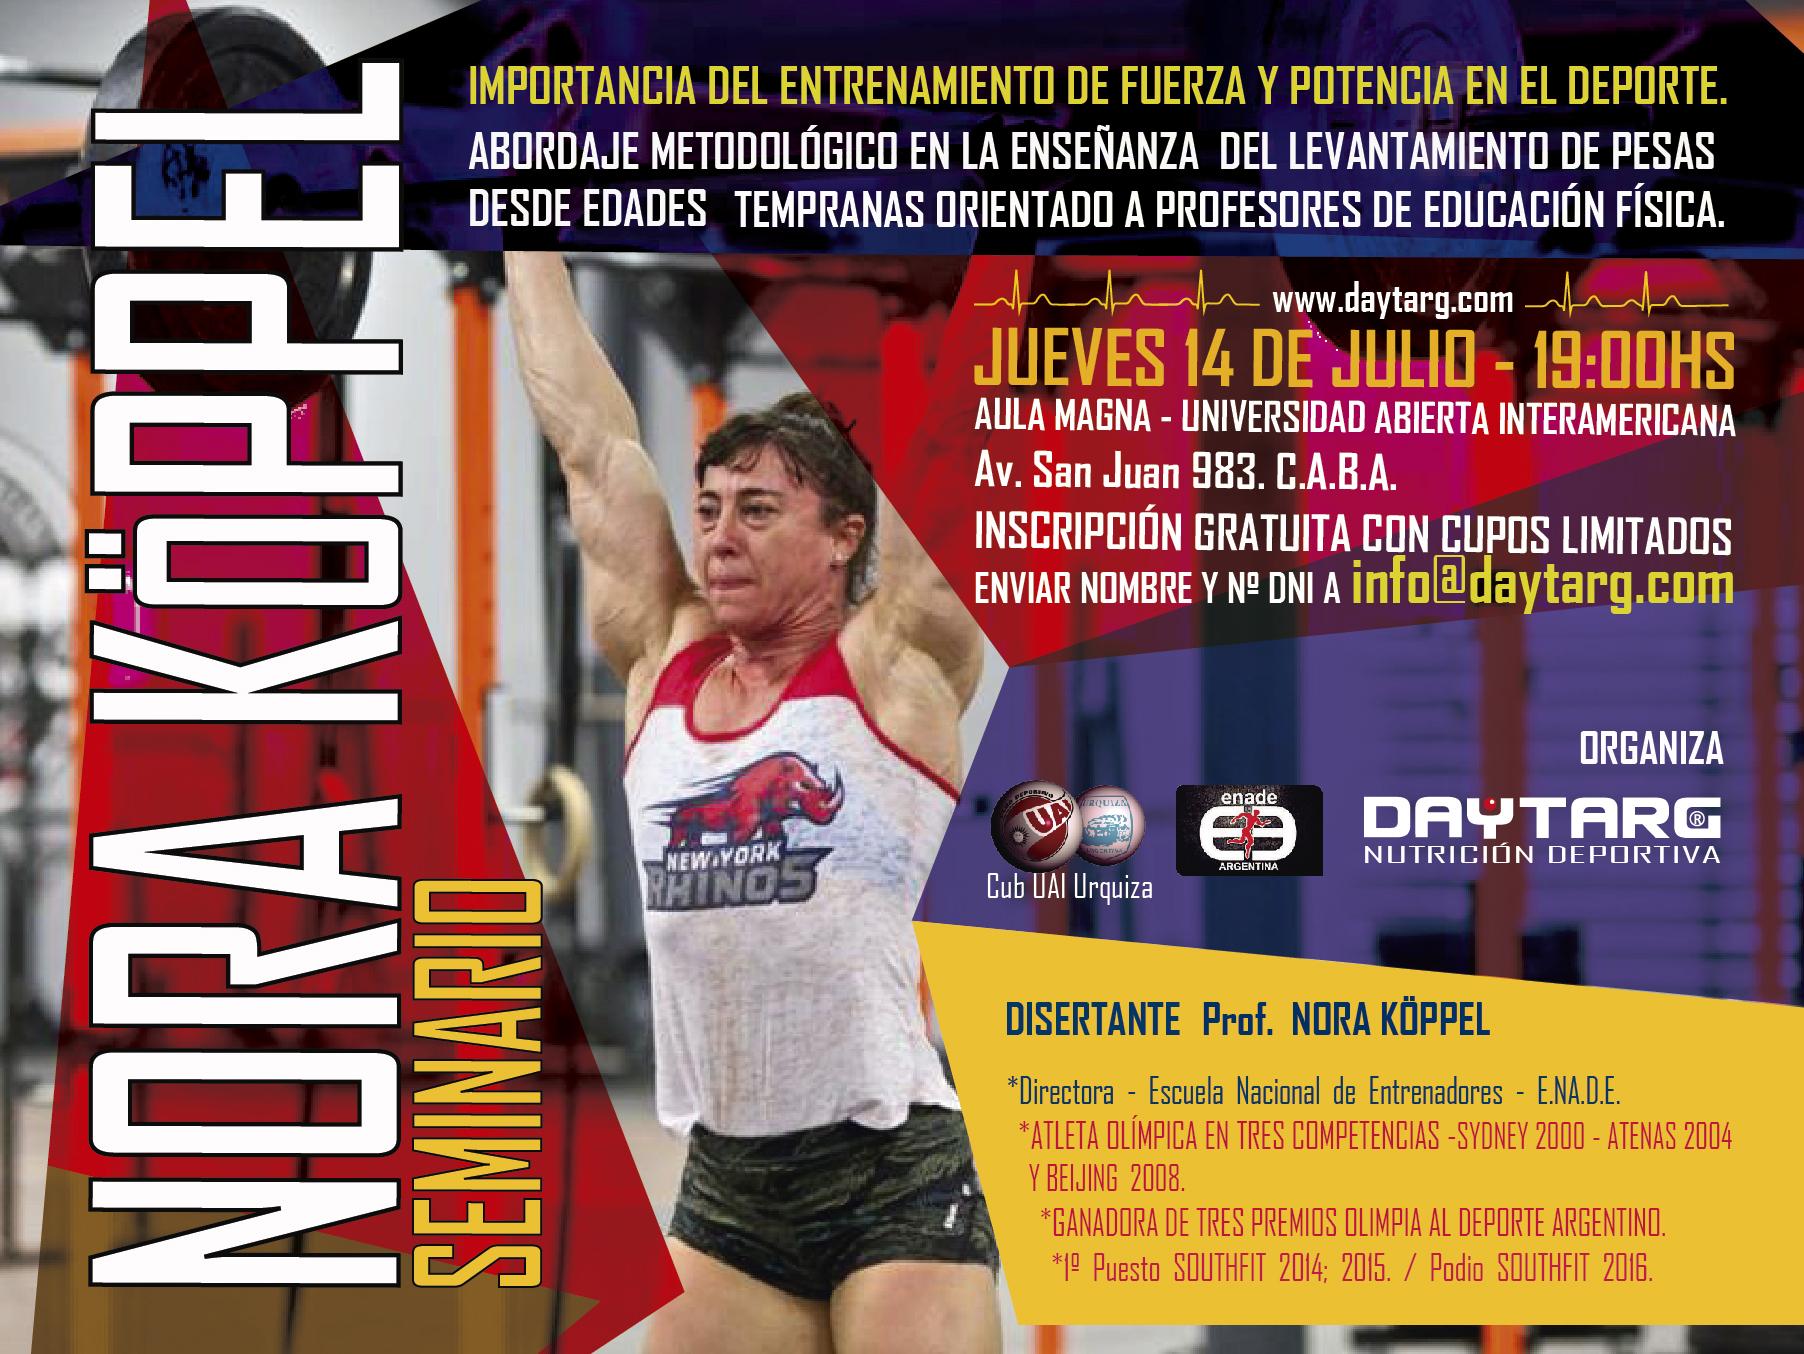 ENADE DAYTARG Nutrición Deportiva